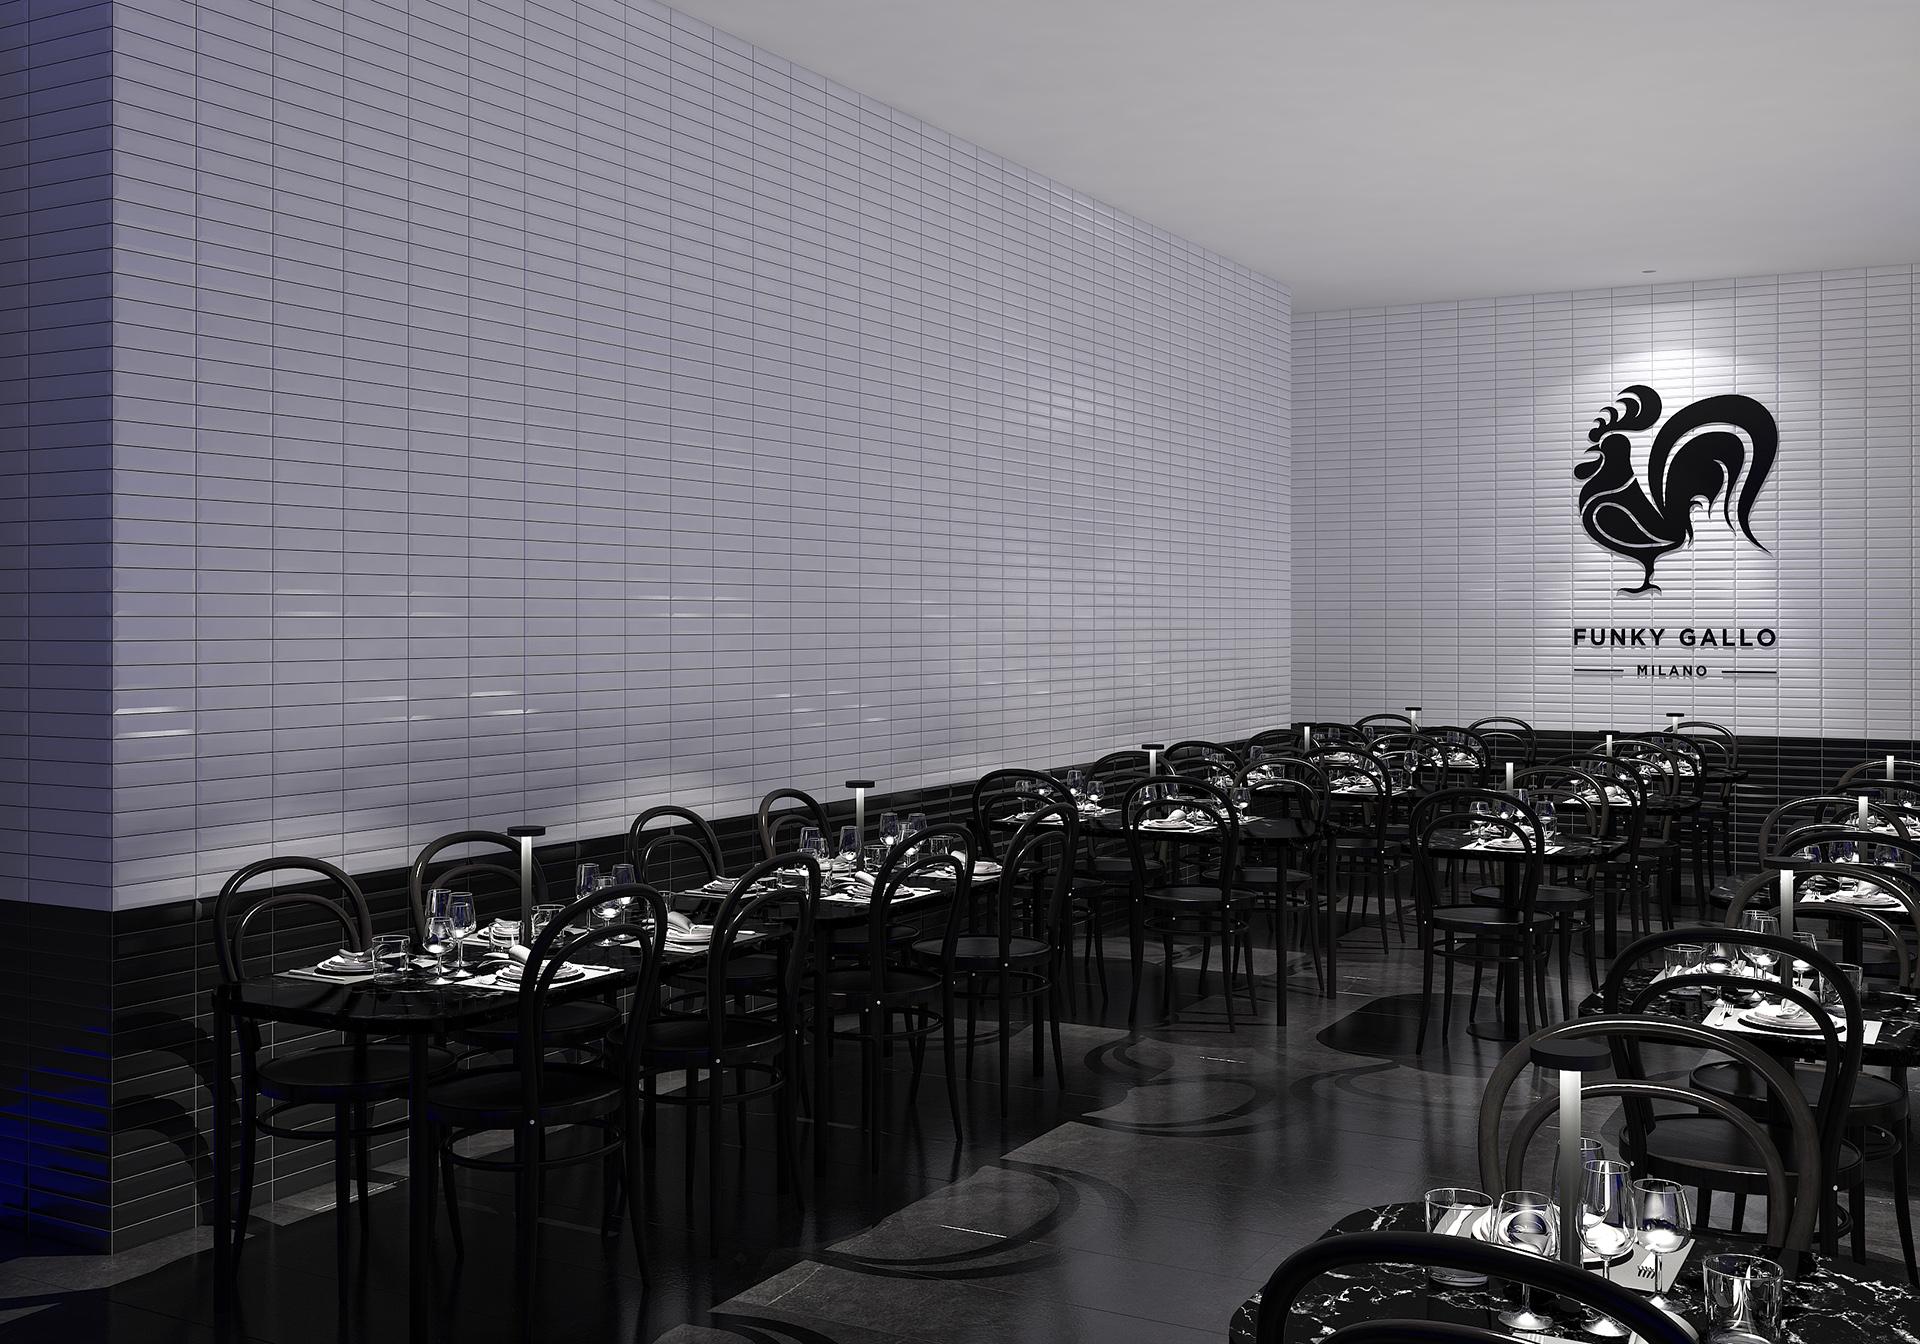 rendering fotorealistico notturno di un ristorante e pizzeria a Milano progettato da Francesco Aureli